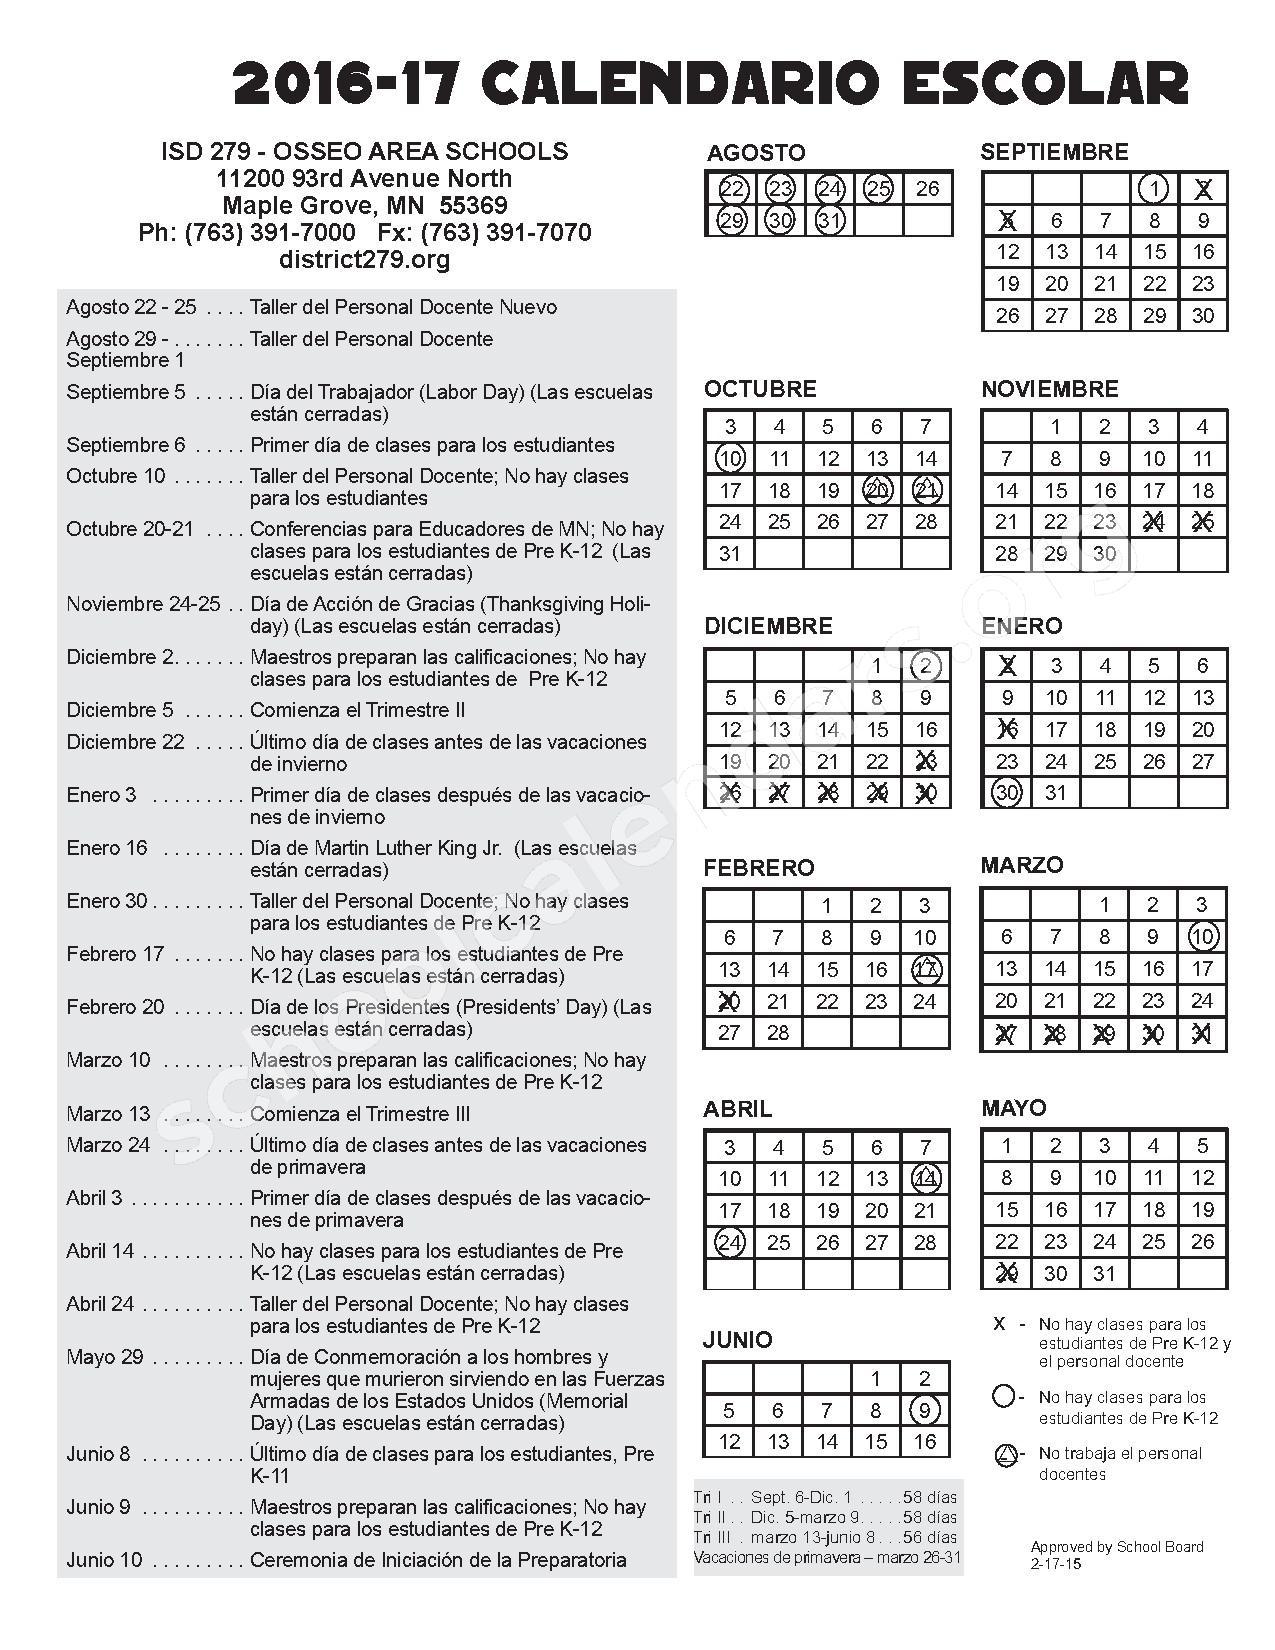 2016 - 2017 Calendario Escolar – Zanewood Community School – page 1